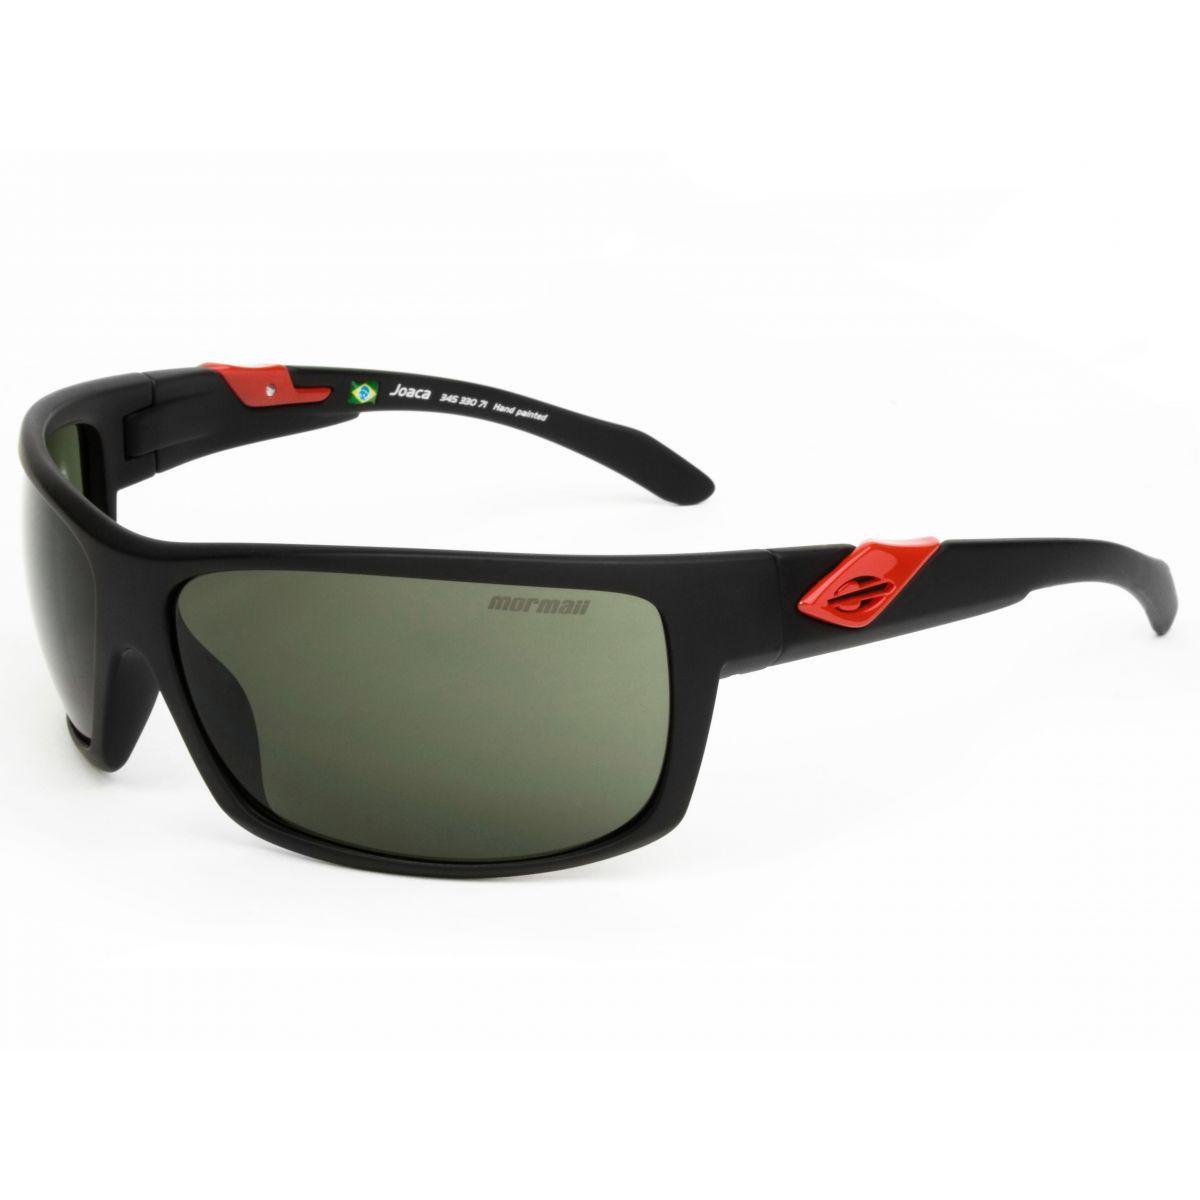 c286bd275 Óculos De Sol Masculino Joaca Mormaii 345 330 71 Oculos Esportivos, Estojo  Para Oculos,